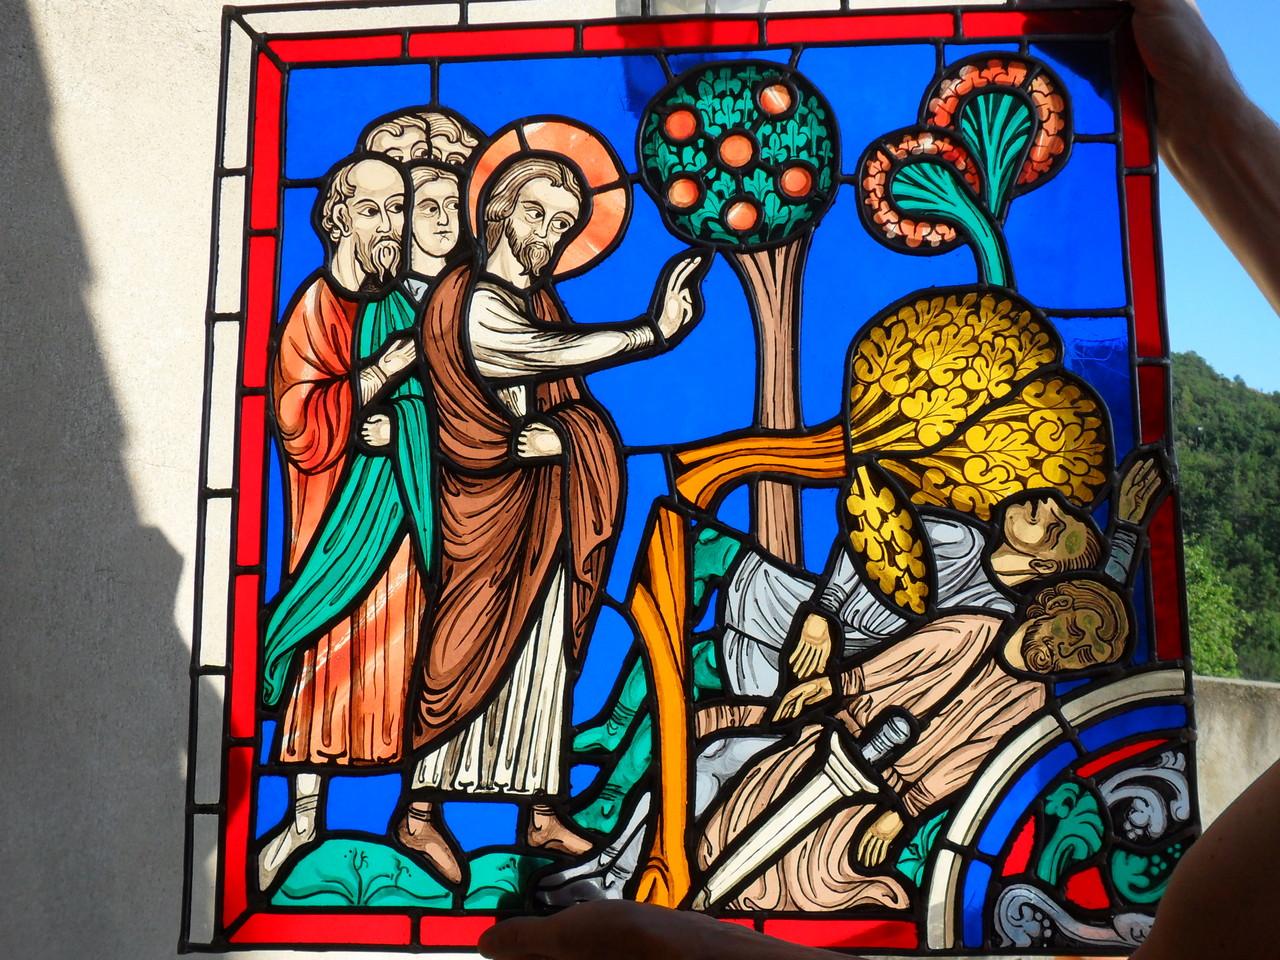 St Martin XIIIème-reproduction d'un vitrail de la cathédrale de Chartres